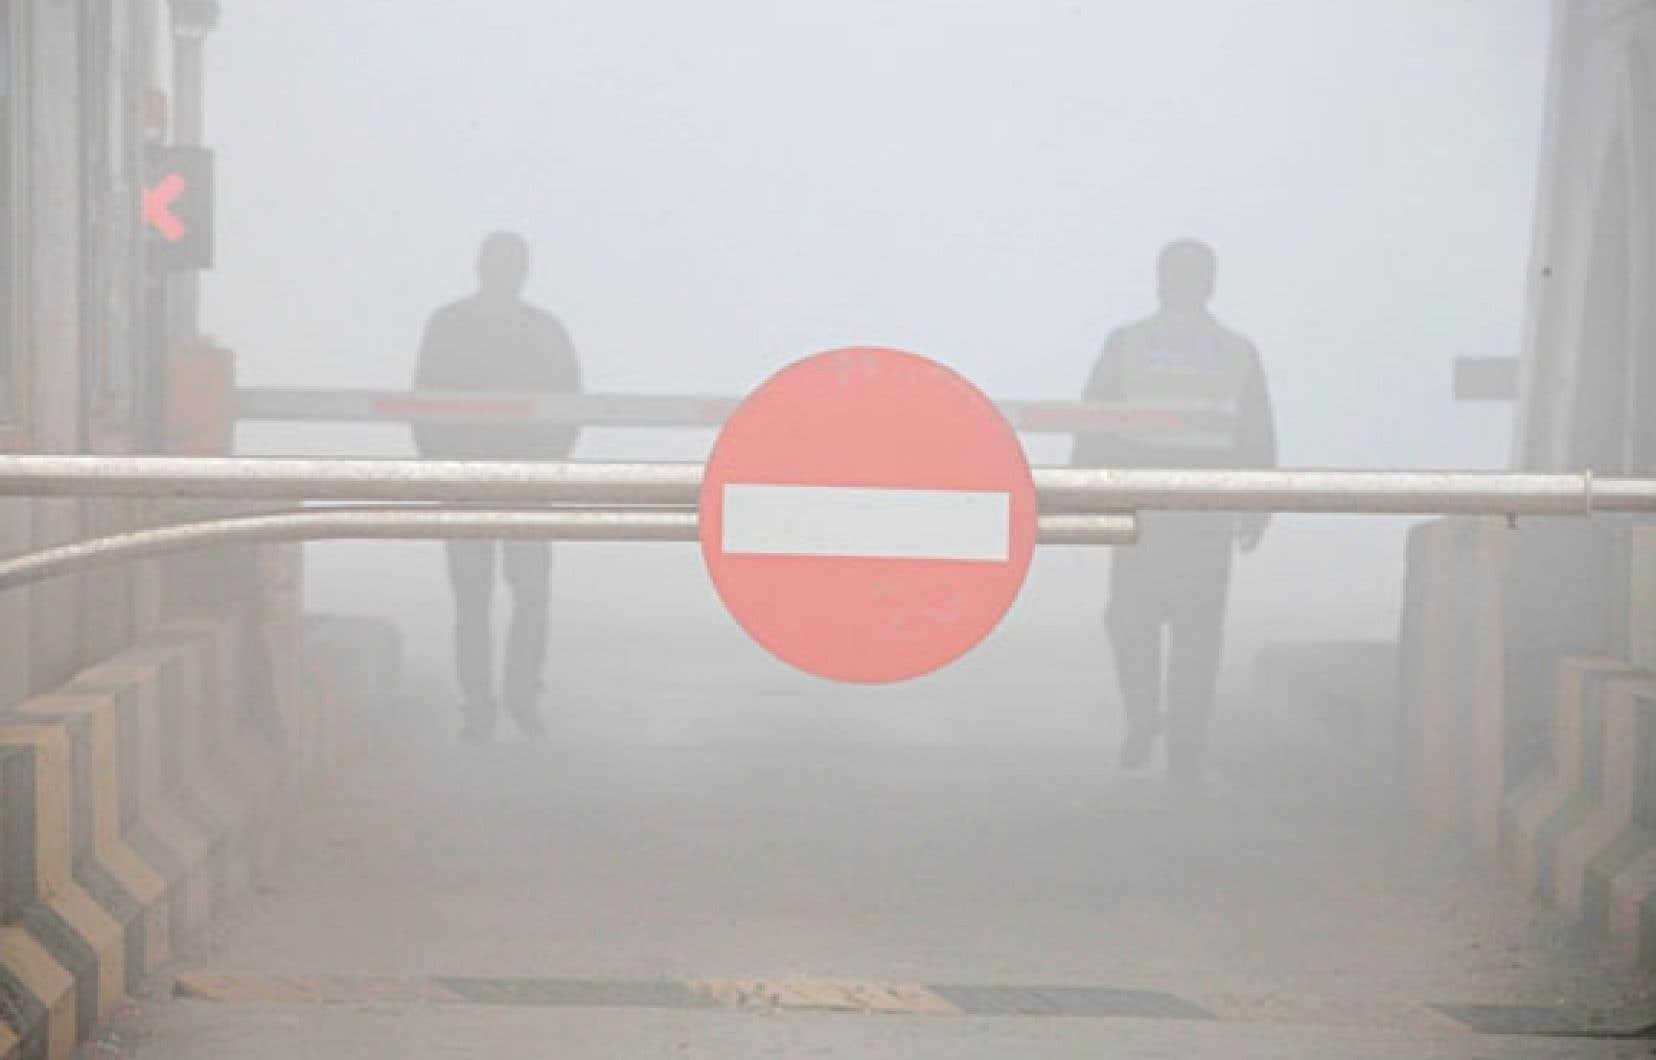 Les routes ont encore été fermées en raison de la mauvaise visibilité due à la pollution.